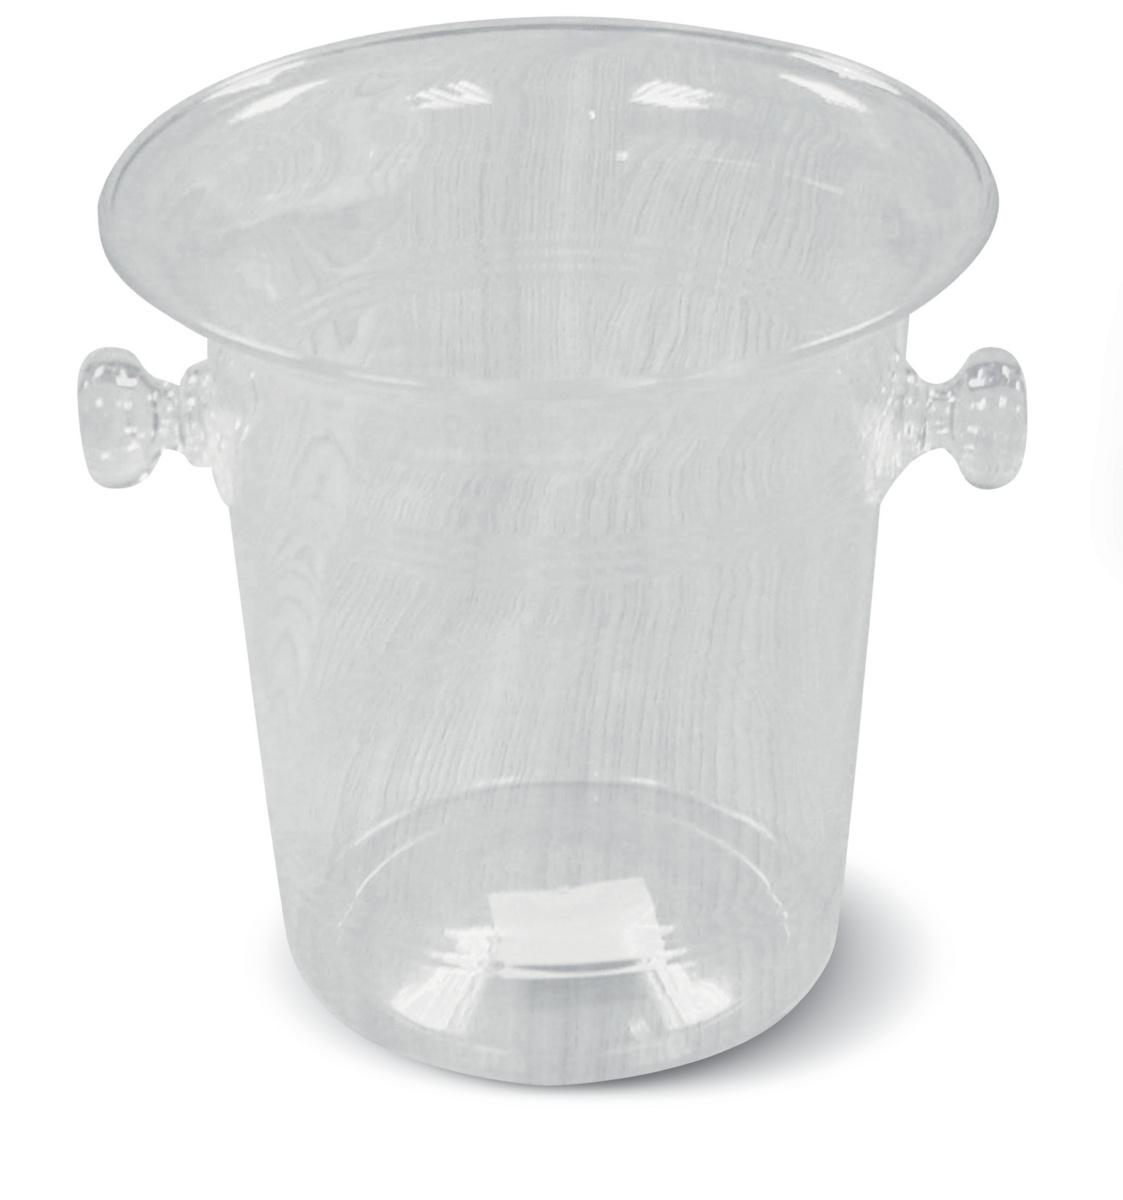 Seau à bouteille transparent Ø 20,50 cm